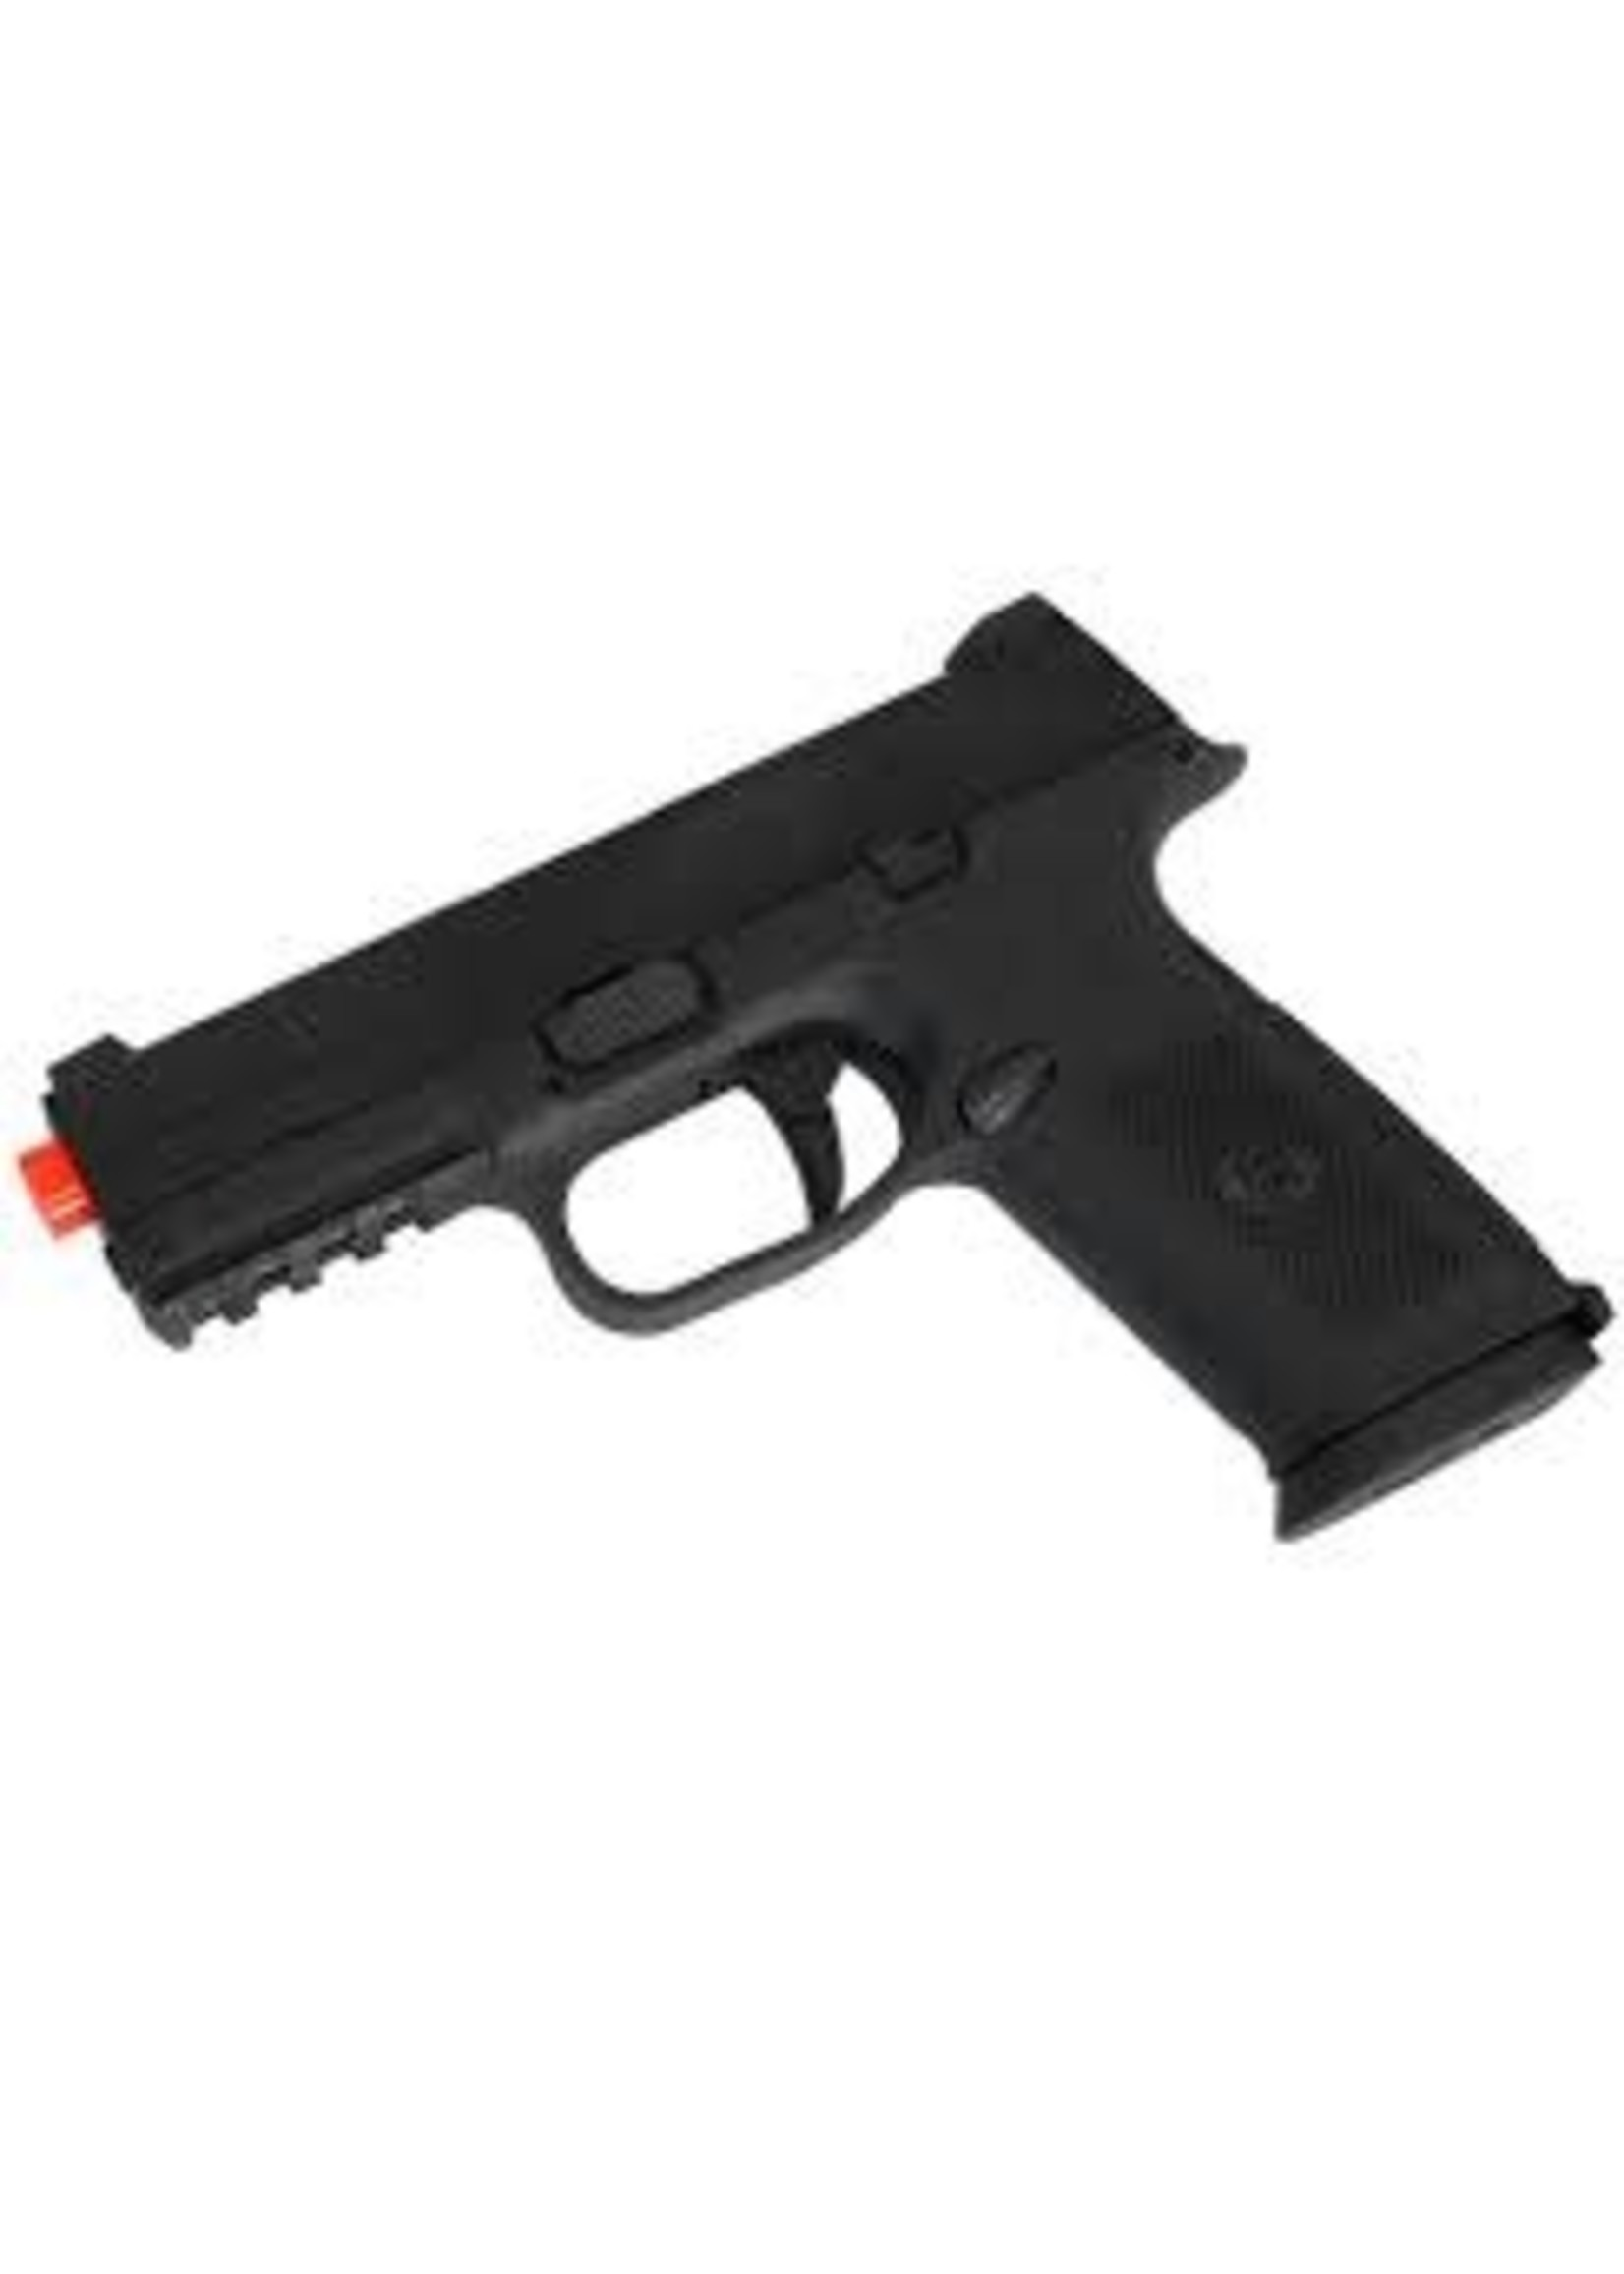 CYBERGUN Cybergun FN Herstal FNS-9